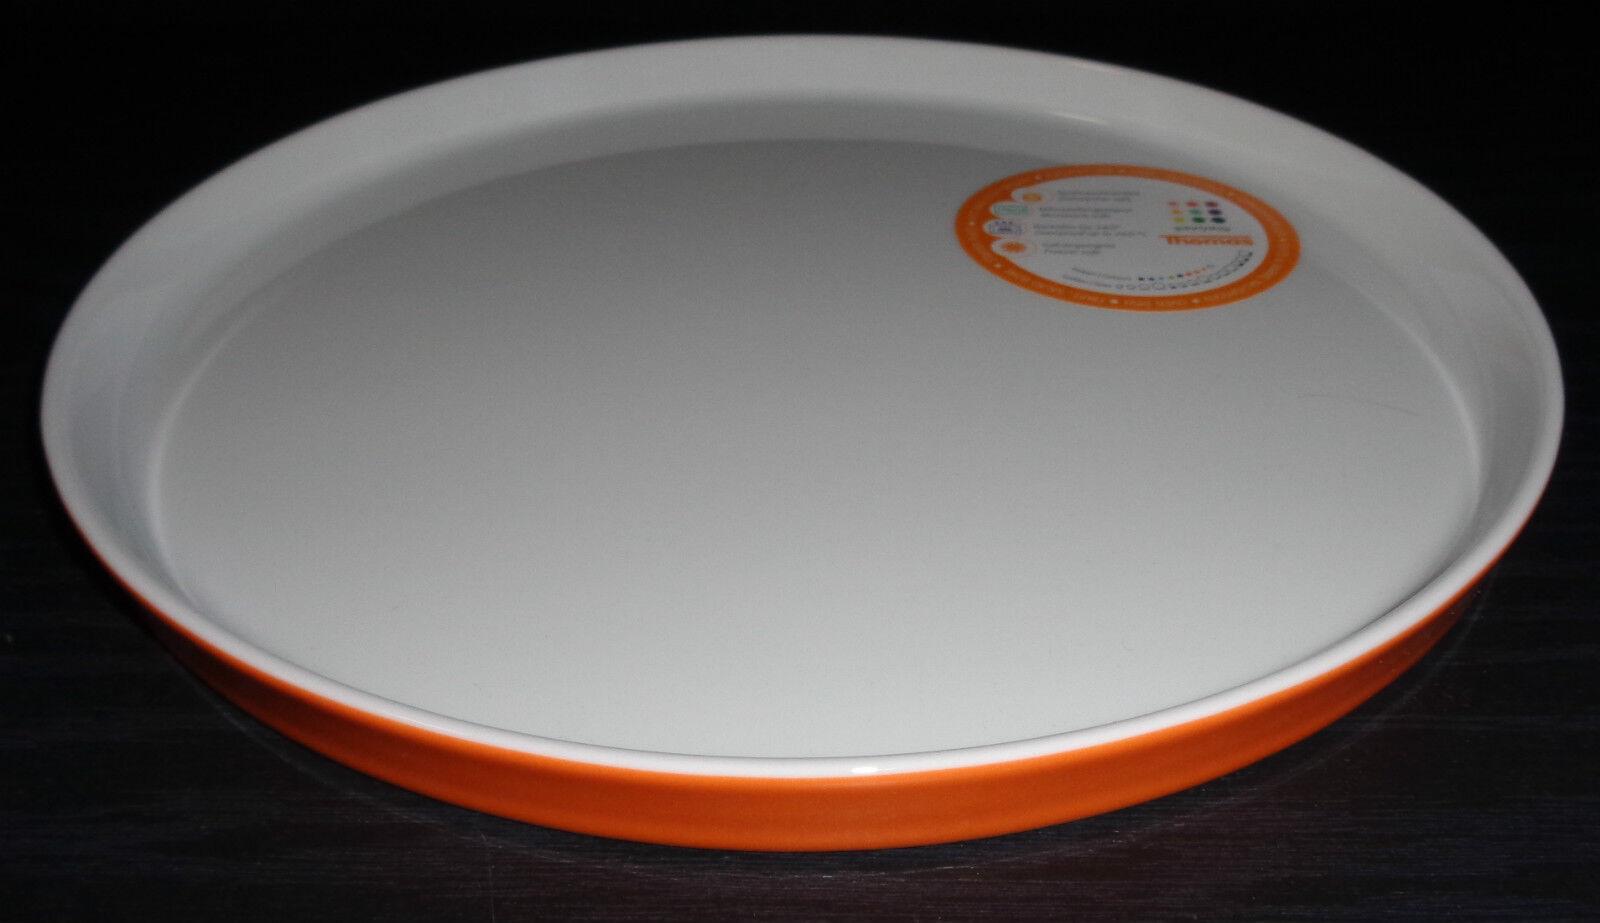 Thomas Sunny Day Orange   Gratin    Auflaufform   Teller   27 cm Neuware   | Ich kann es nicht ablegen